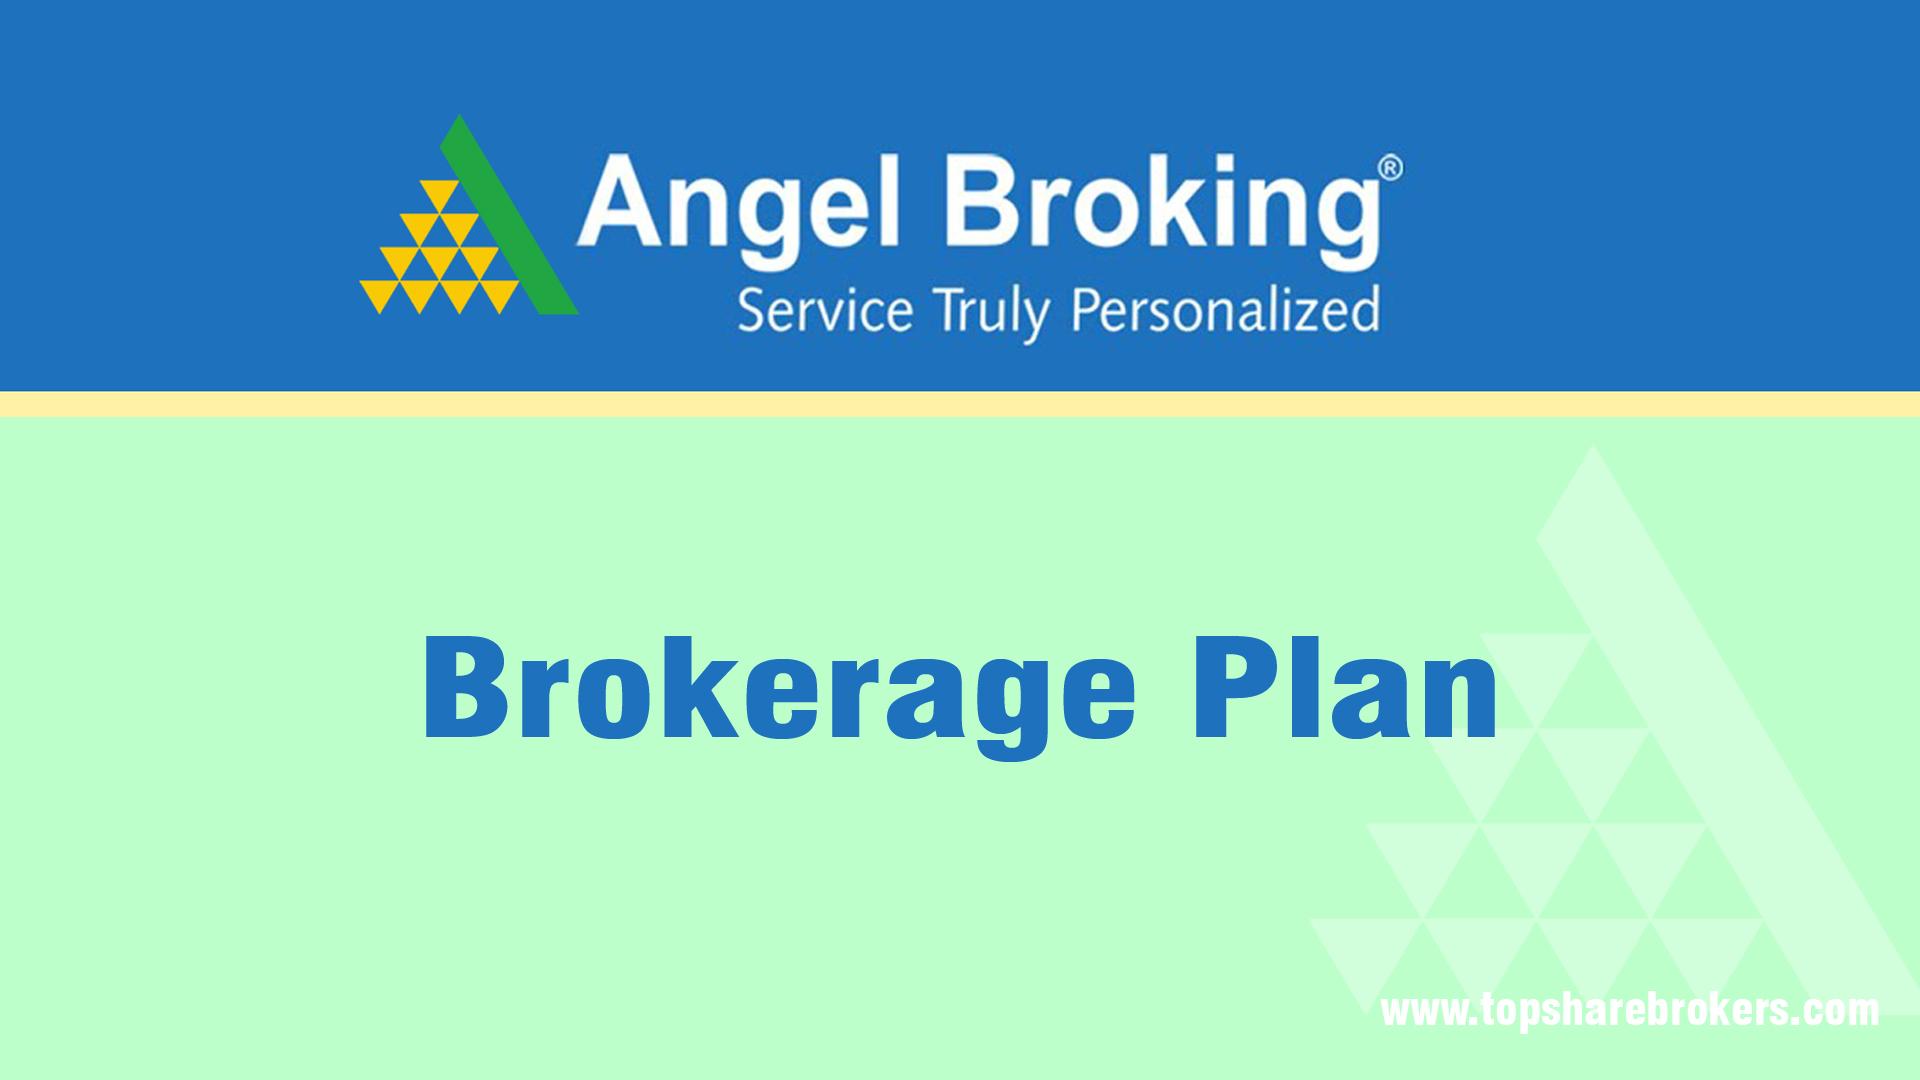 Angel Broking Rs 20 Brokerage Plan Free Delivery Brokerage Charges List 2020